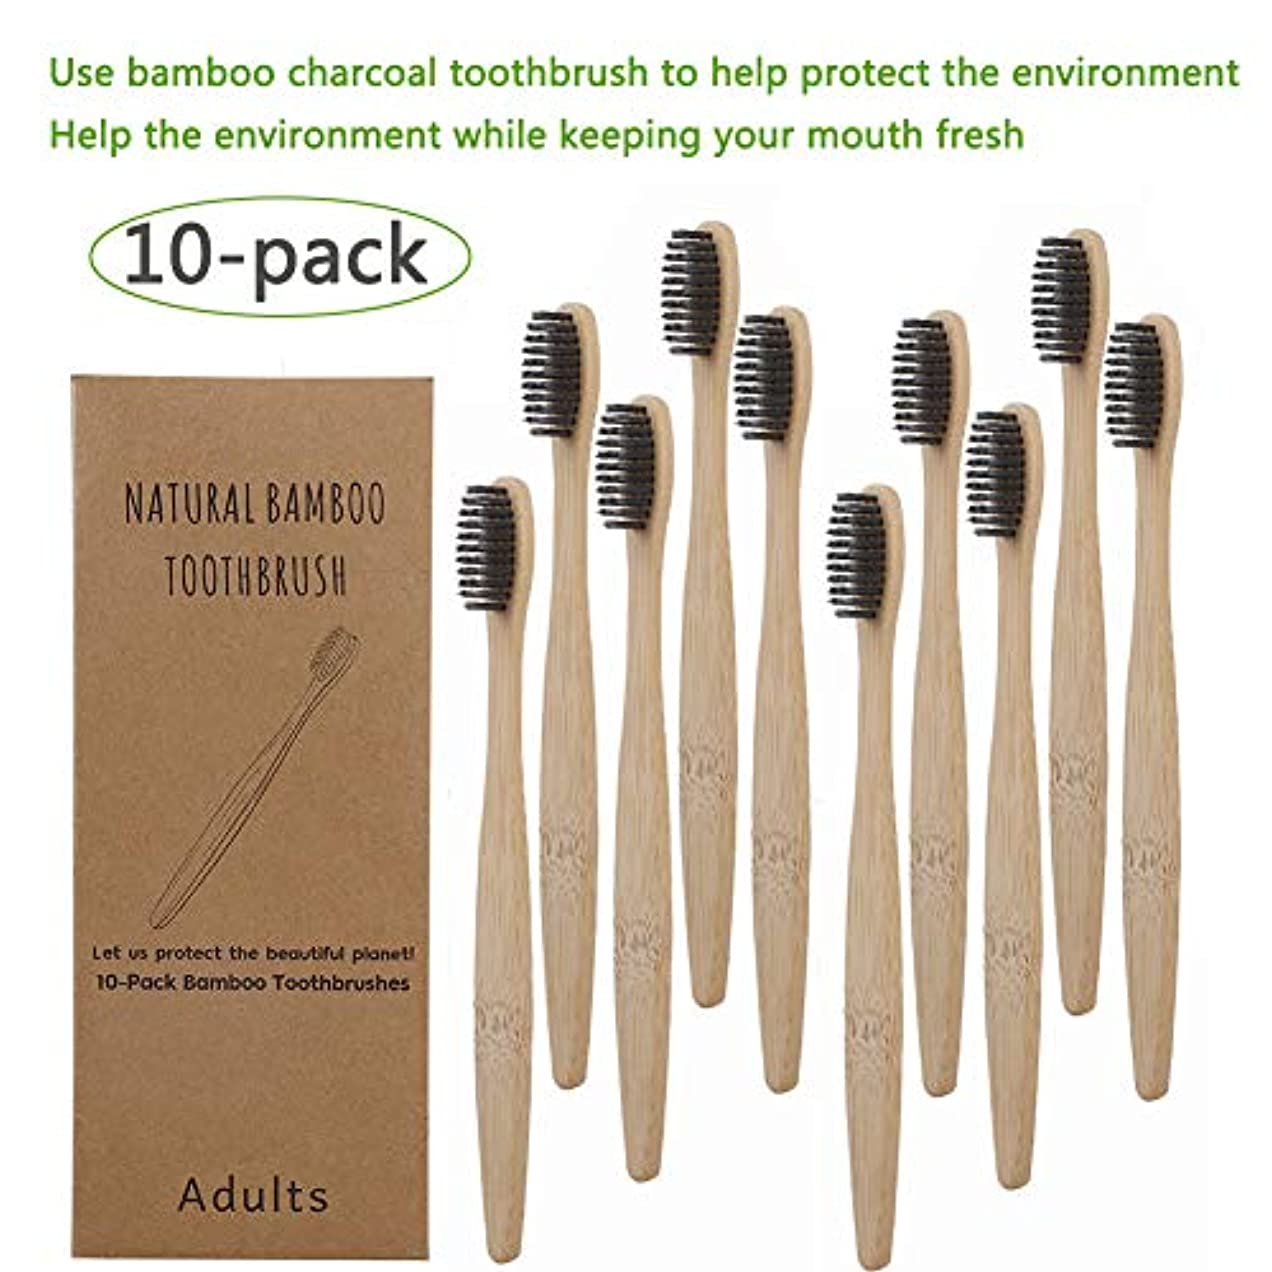 管理する真っ逆さまプレビューDoo 10pcs 大人用竹の歯ブラシ 天然竹歯ブラシ 環境保護 柔らかい 歯ブラシ 口腔ケア 竹歯ブラシ 携帯用 旅行用 出張用